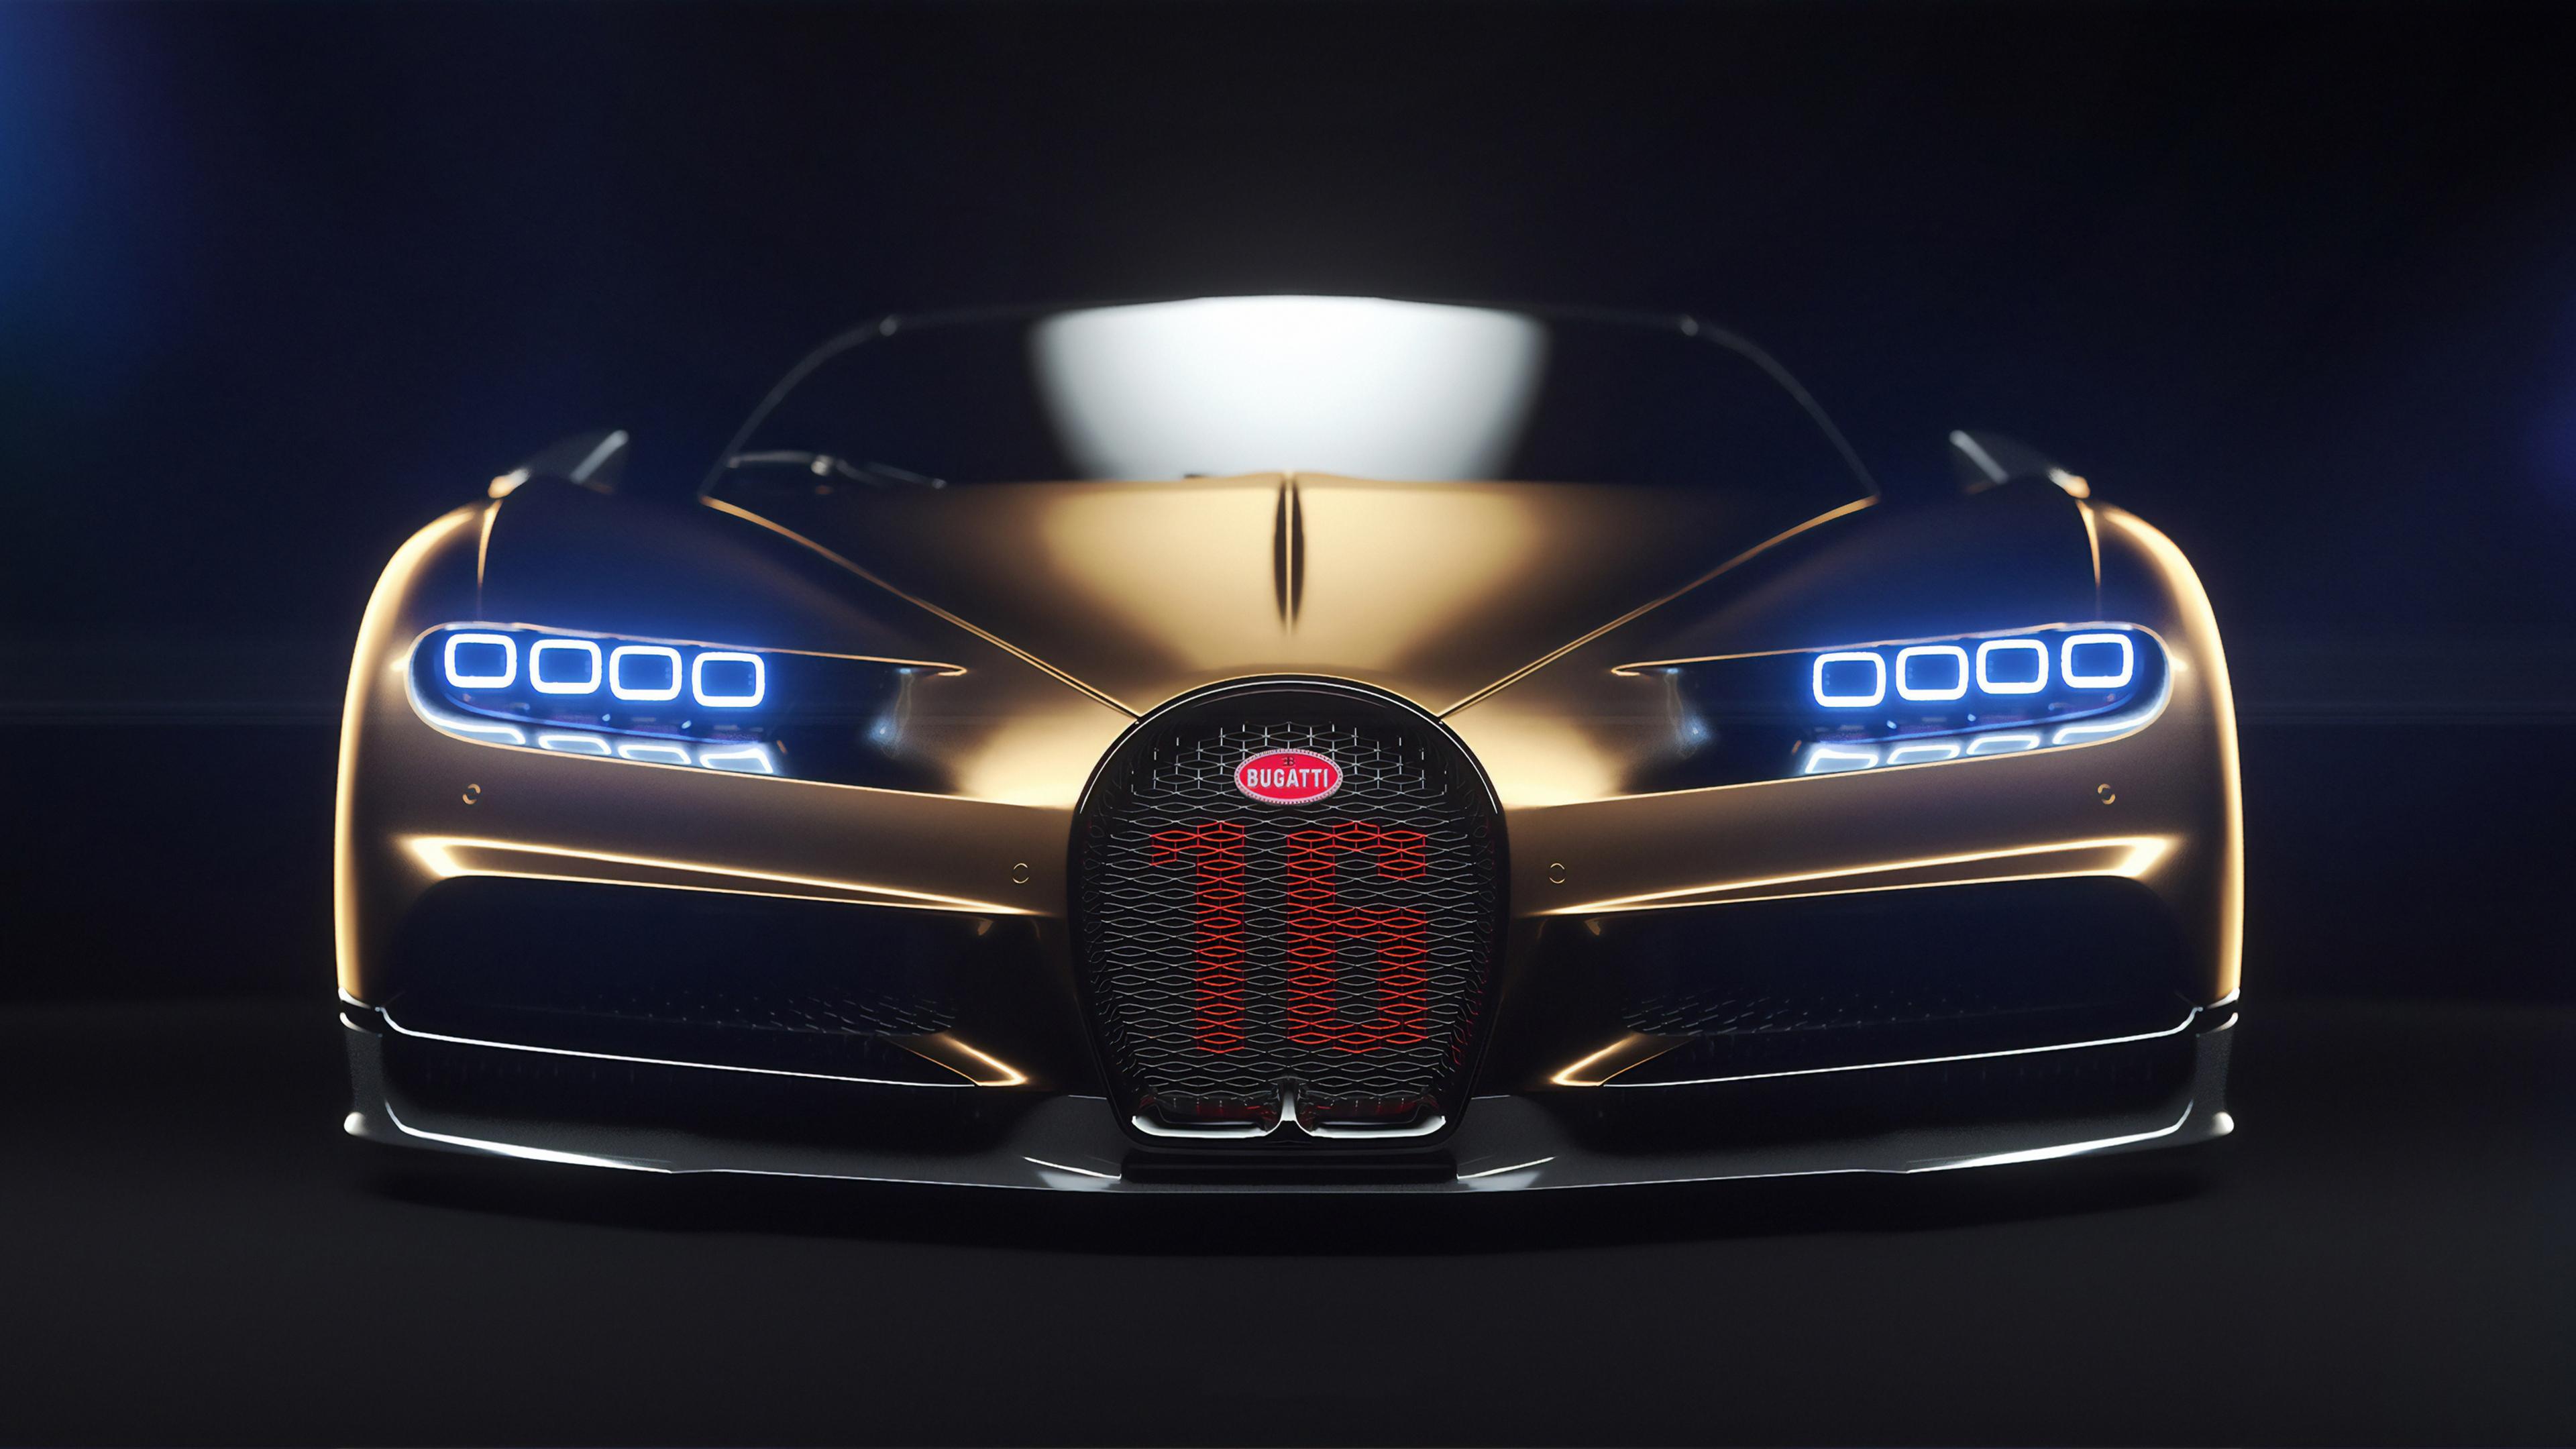 bugatti chiron front 1570919111 - Bugatti Chiron Front - hd-wallpapers, cars wallpapers, bugatti chiron wallpapers, 4k-wallpapers